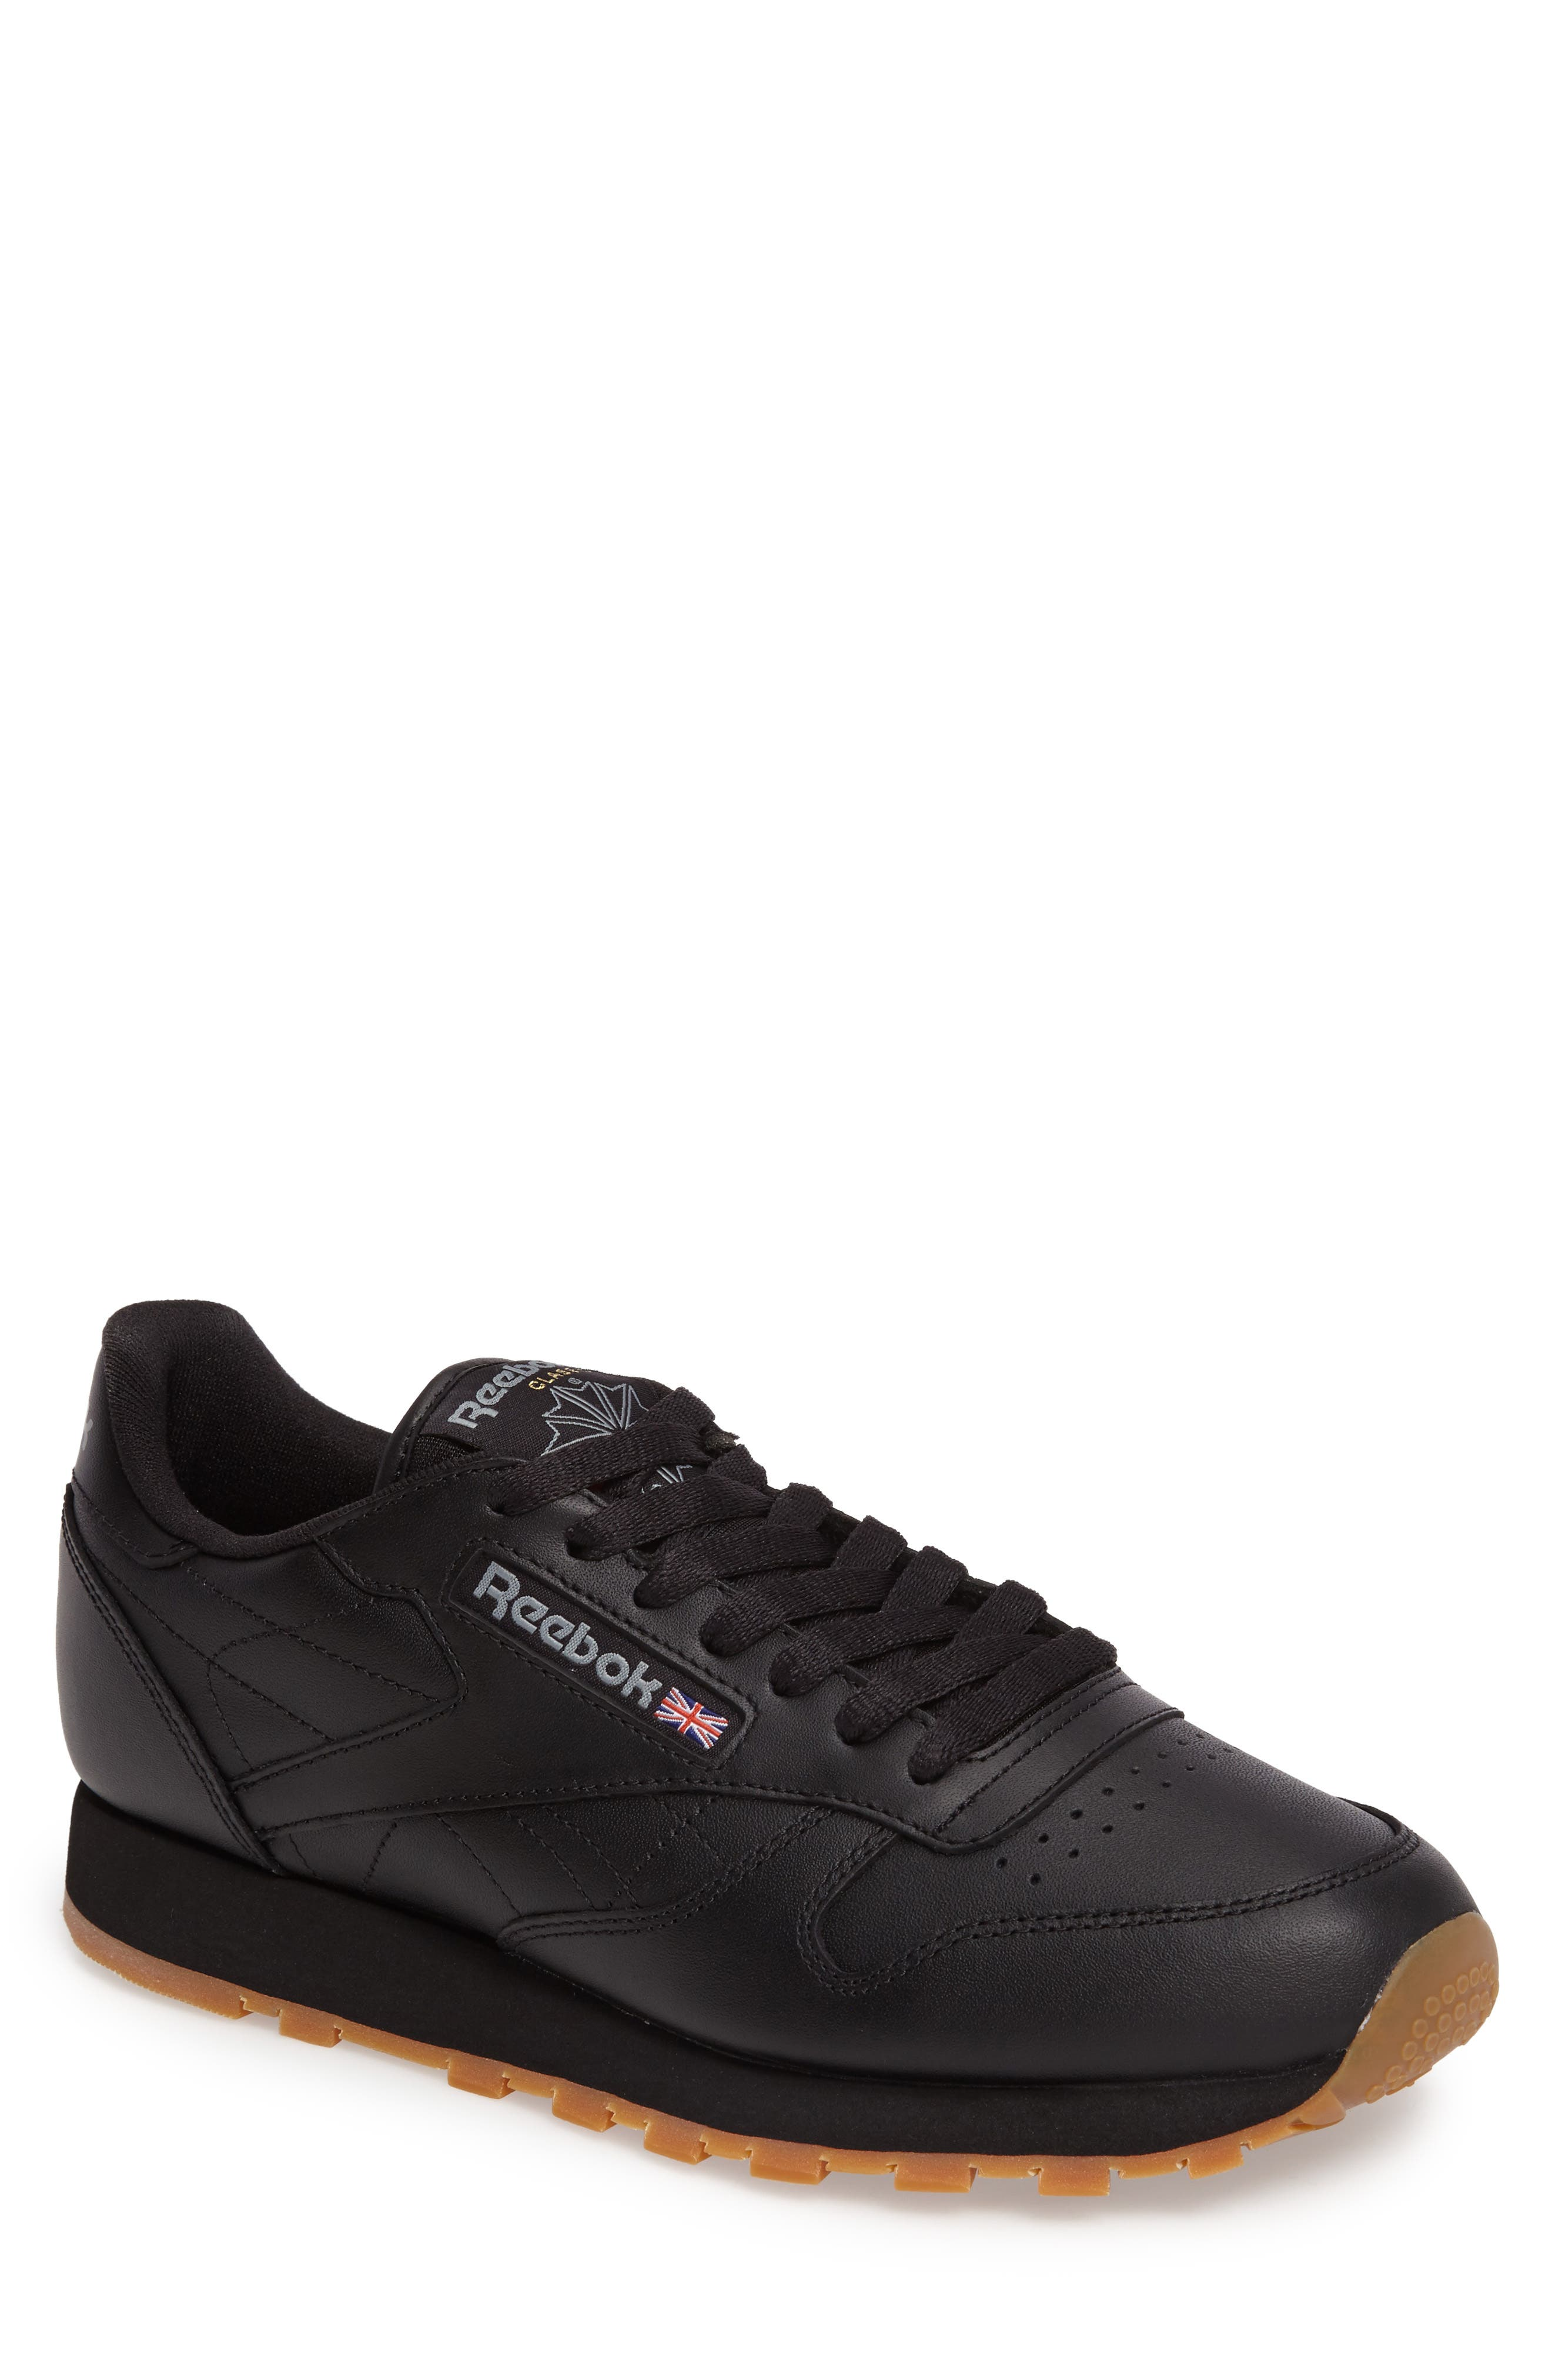 Alternate Image 1 Selected - Reebok 'Classic' Sneaker (Men)